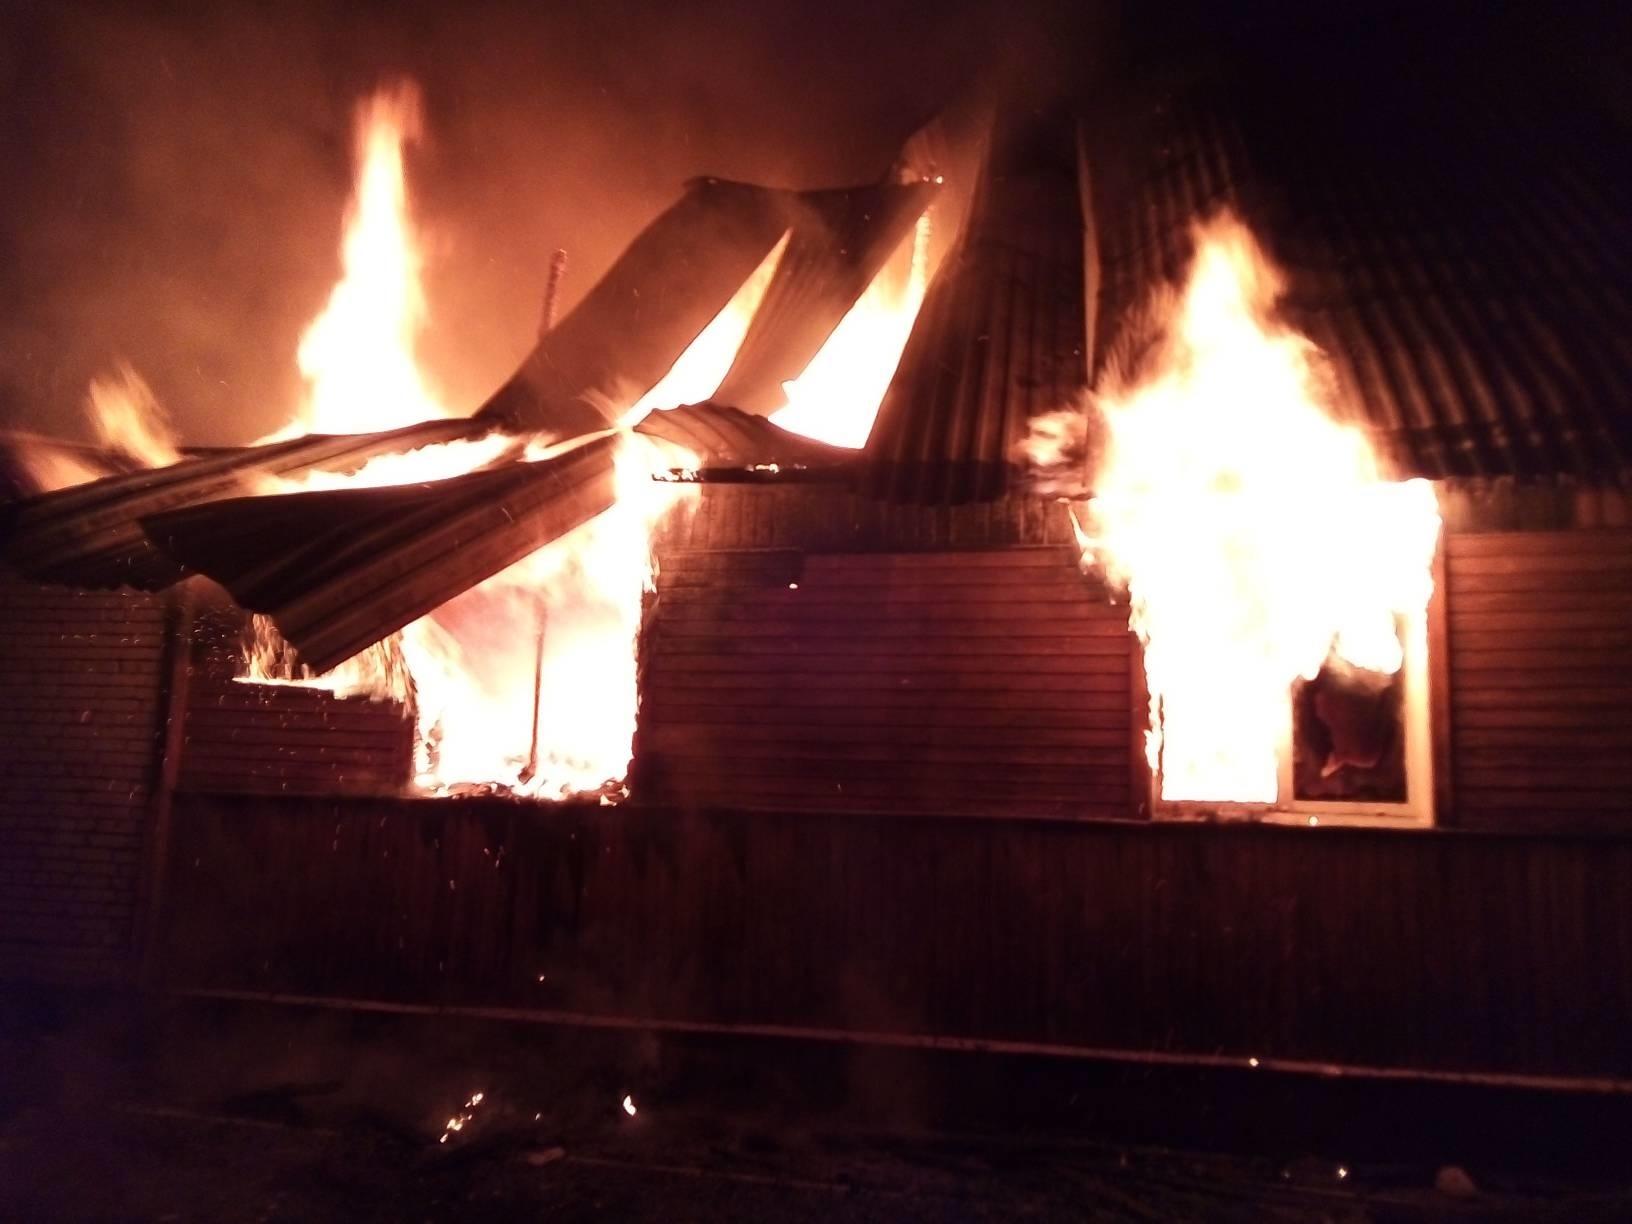 Пожар Камешковский район, д. Сергеиха, ул. Центральная, д. 46